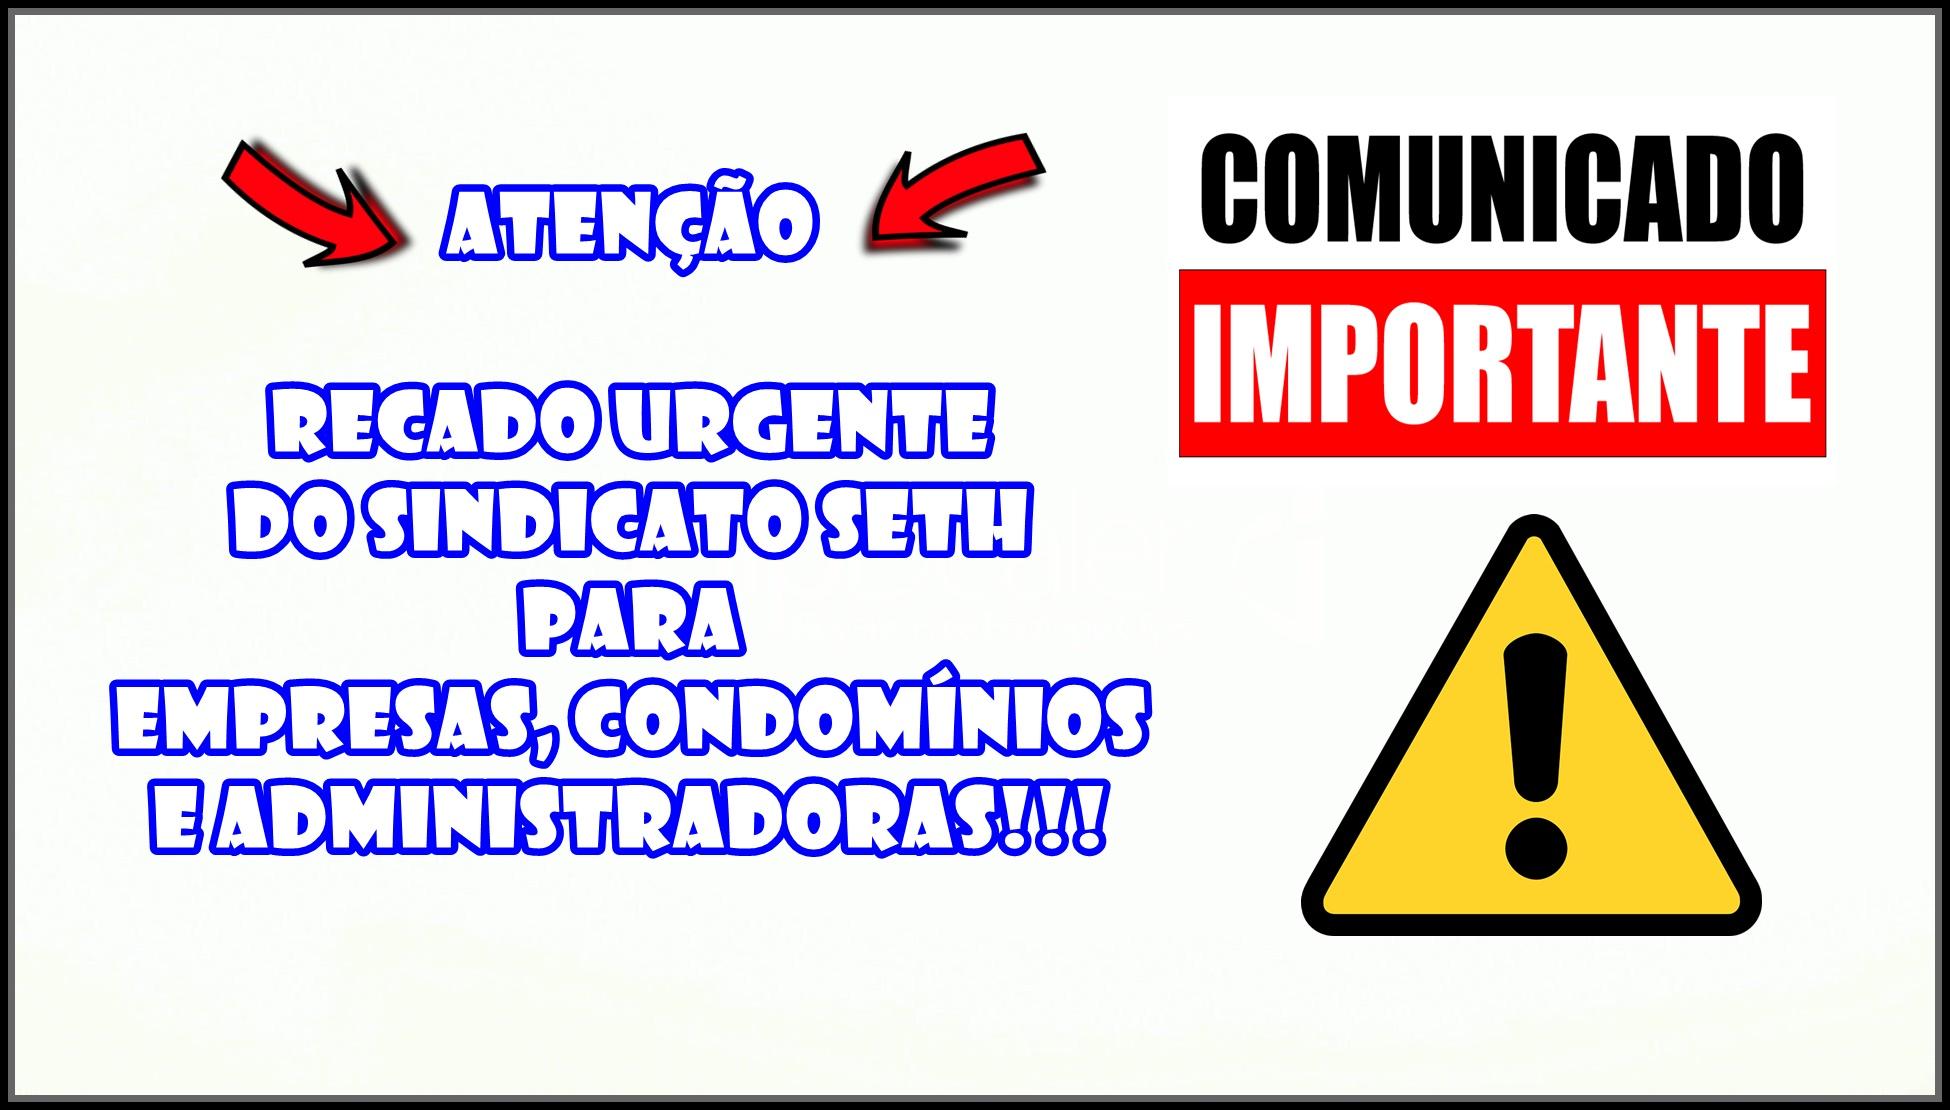 EMPRESAS, CONDOMÍNIOS E ADMINISTRADORAS!!!